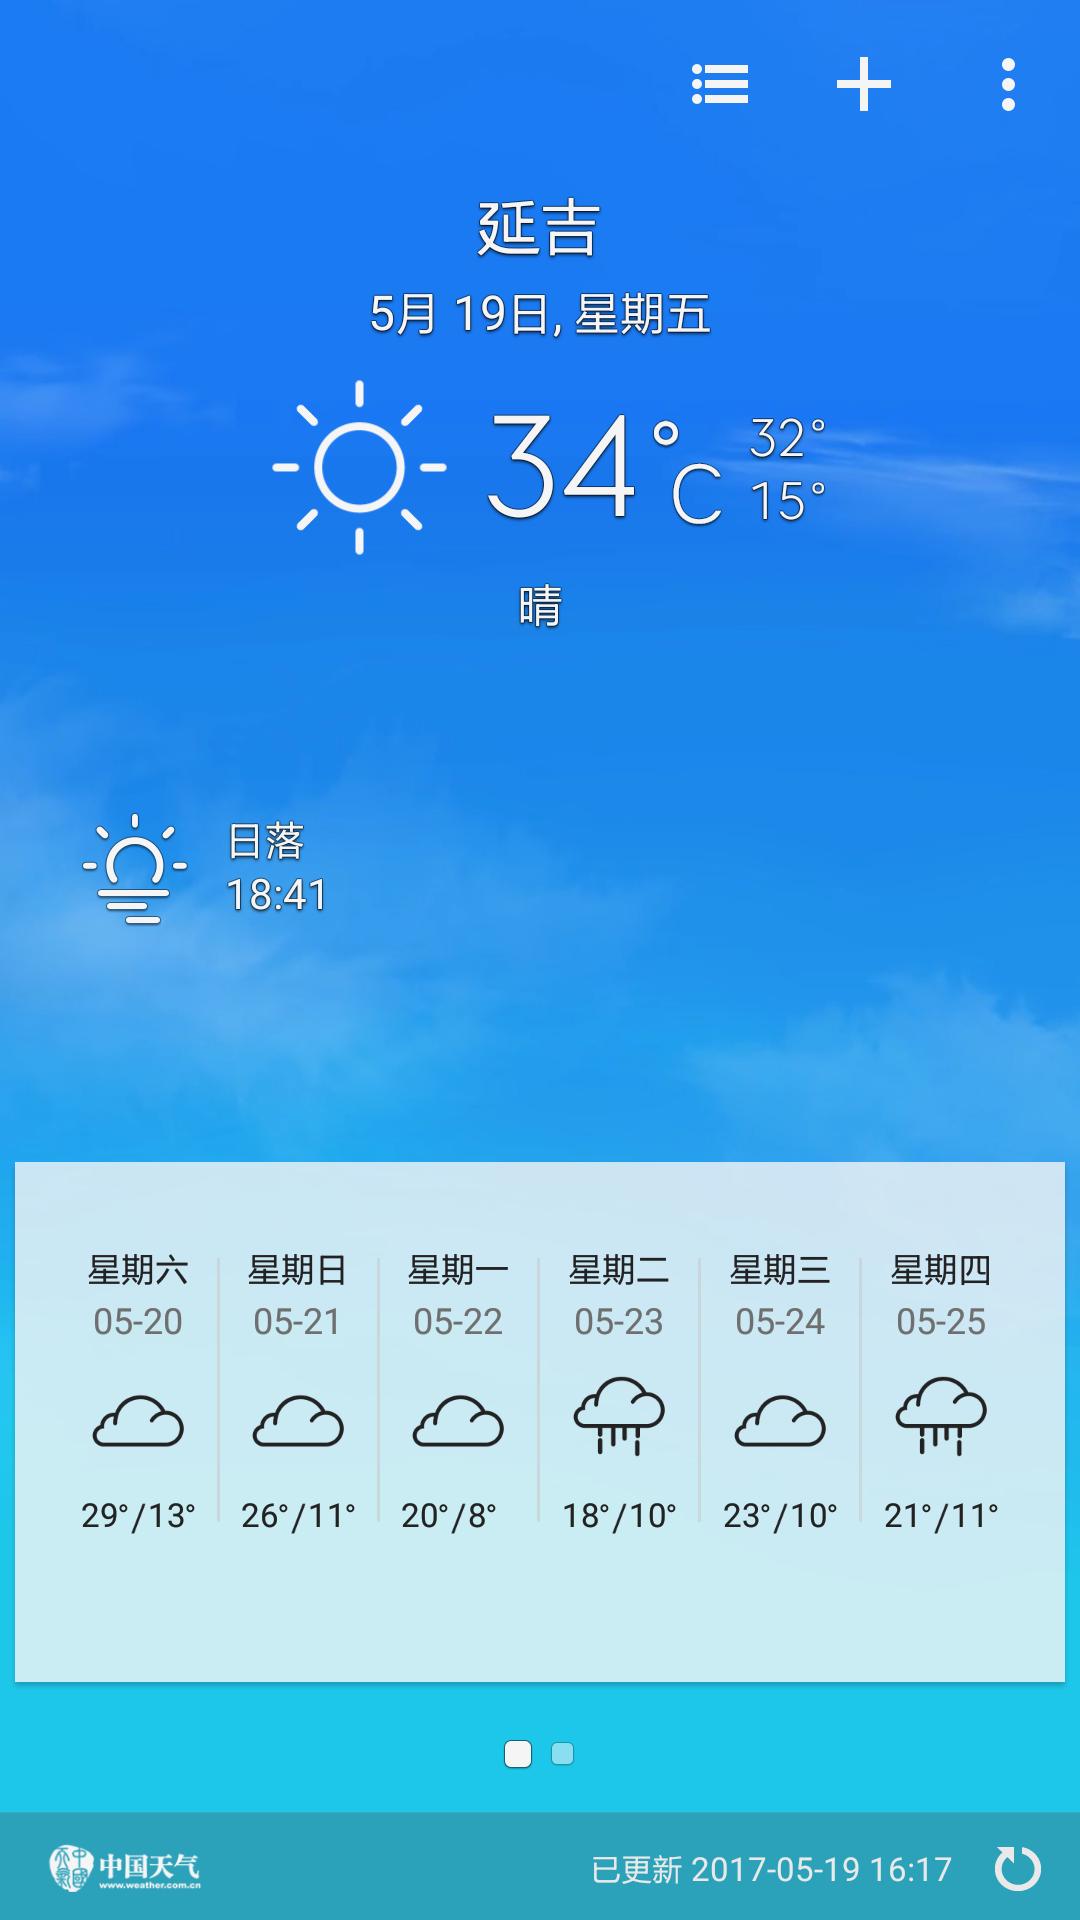 高温天气主要集中在19日与20日两天.19日16时30分,记者通过查